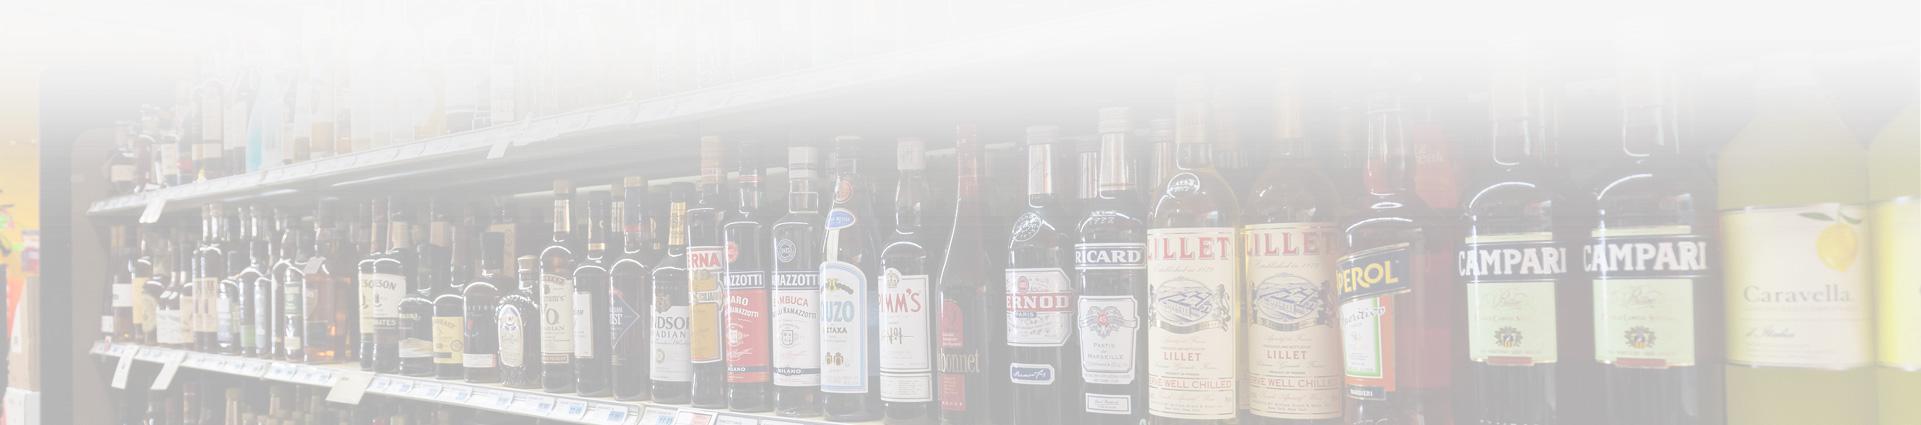 różnego rodzaju alkohole stojące na półce sklepowej